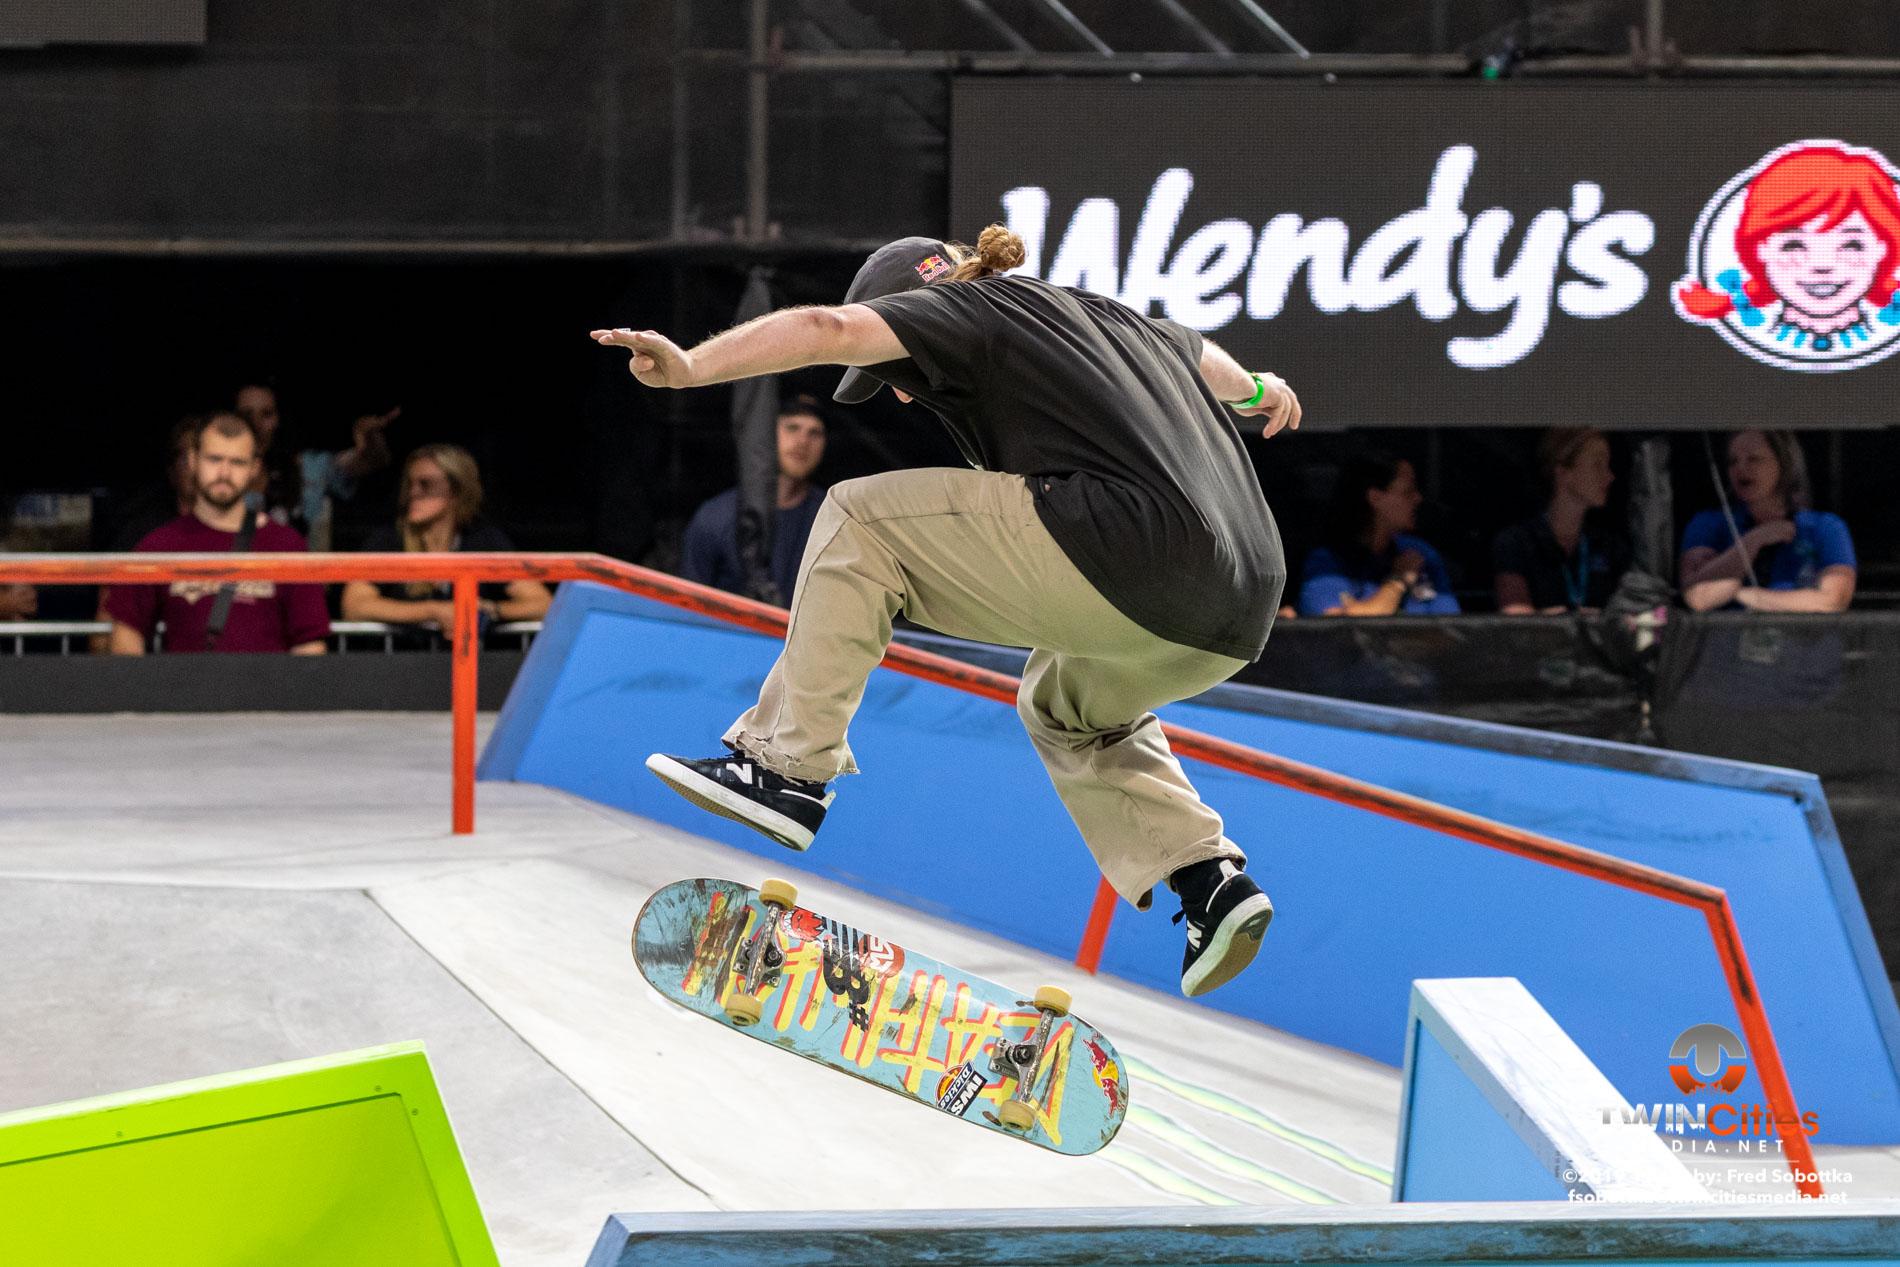 Monster-Energy-Mens-Skateboard-Street-Elimination-07